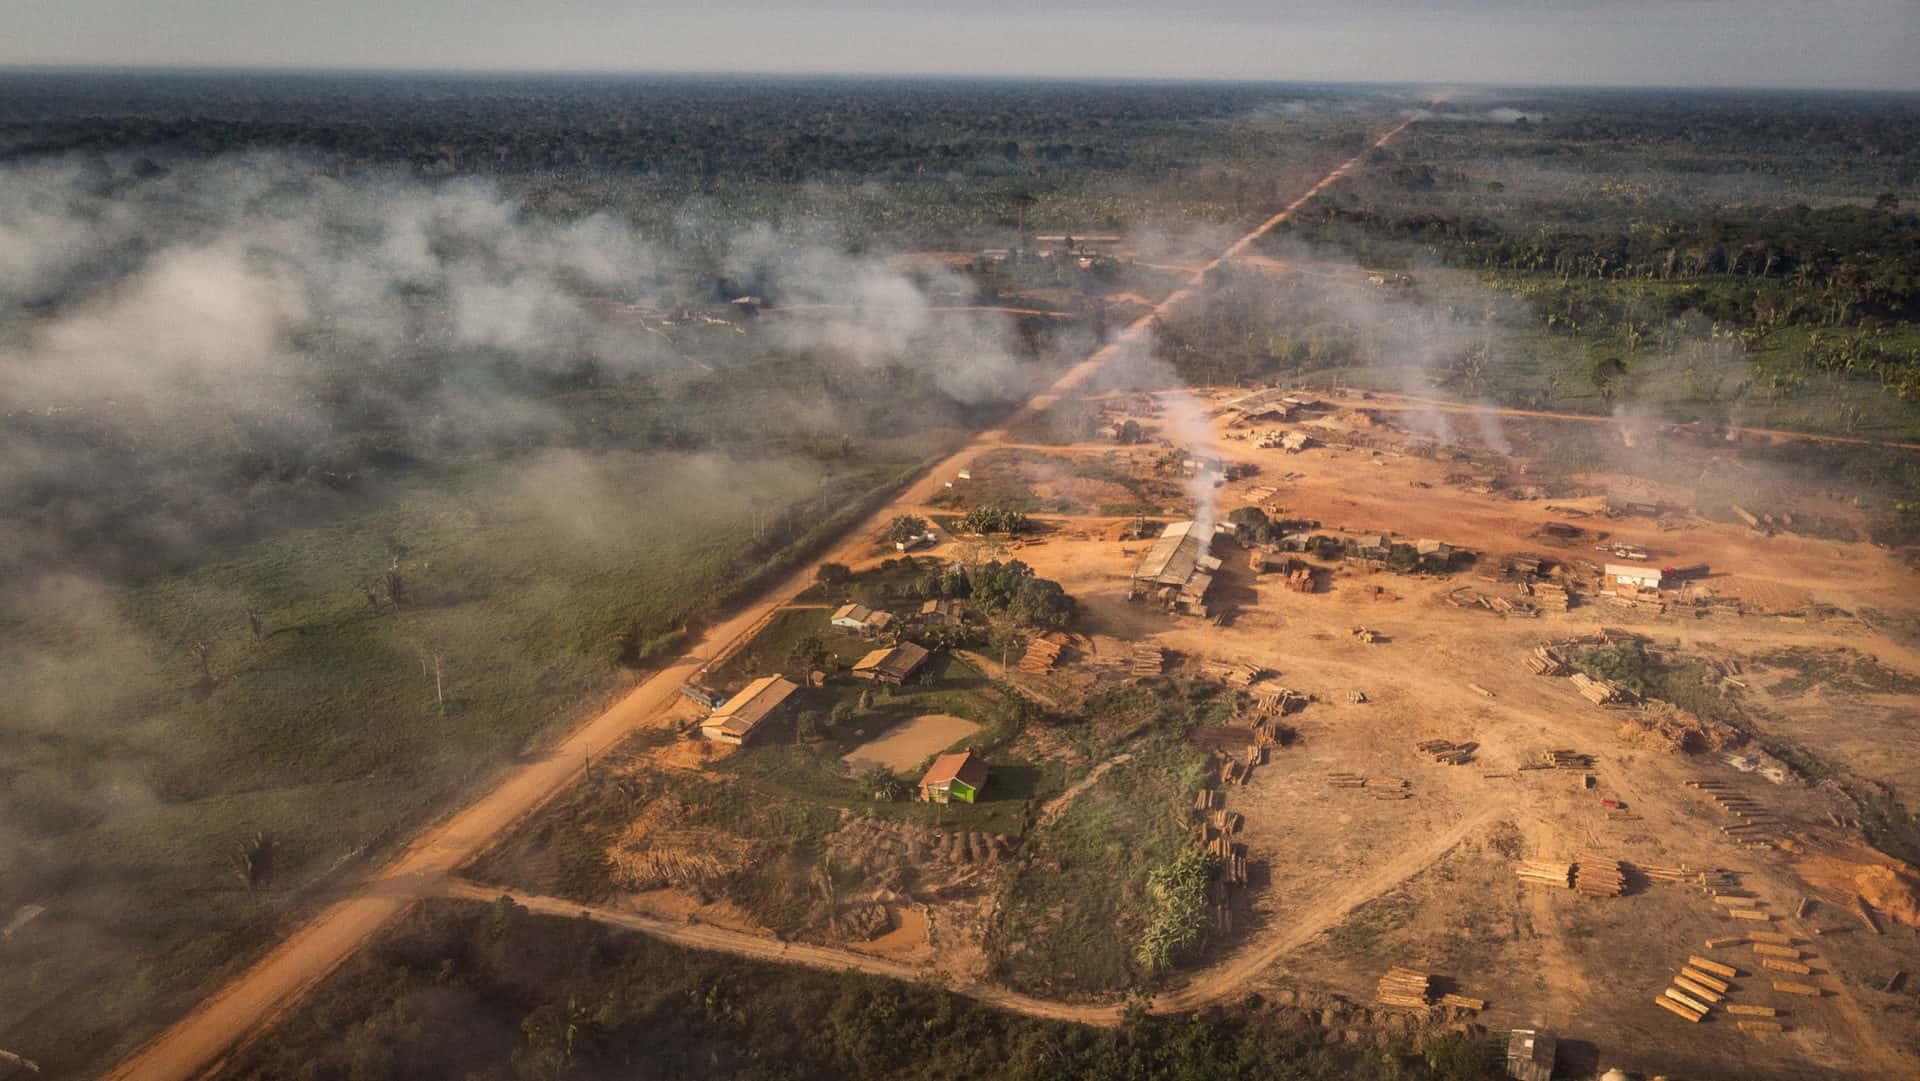 Vista aérea de queimada de área verde próxima à BR319, na Amazônia